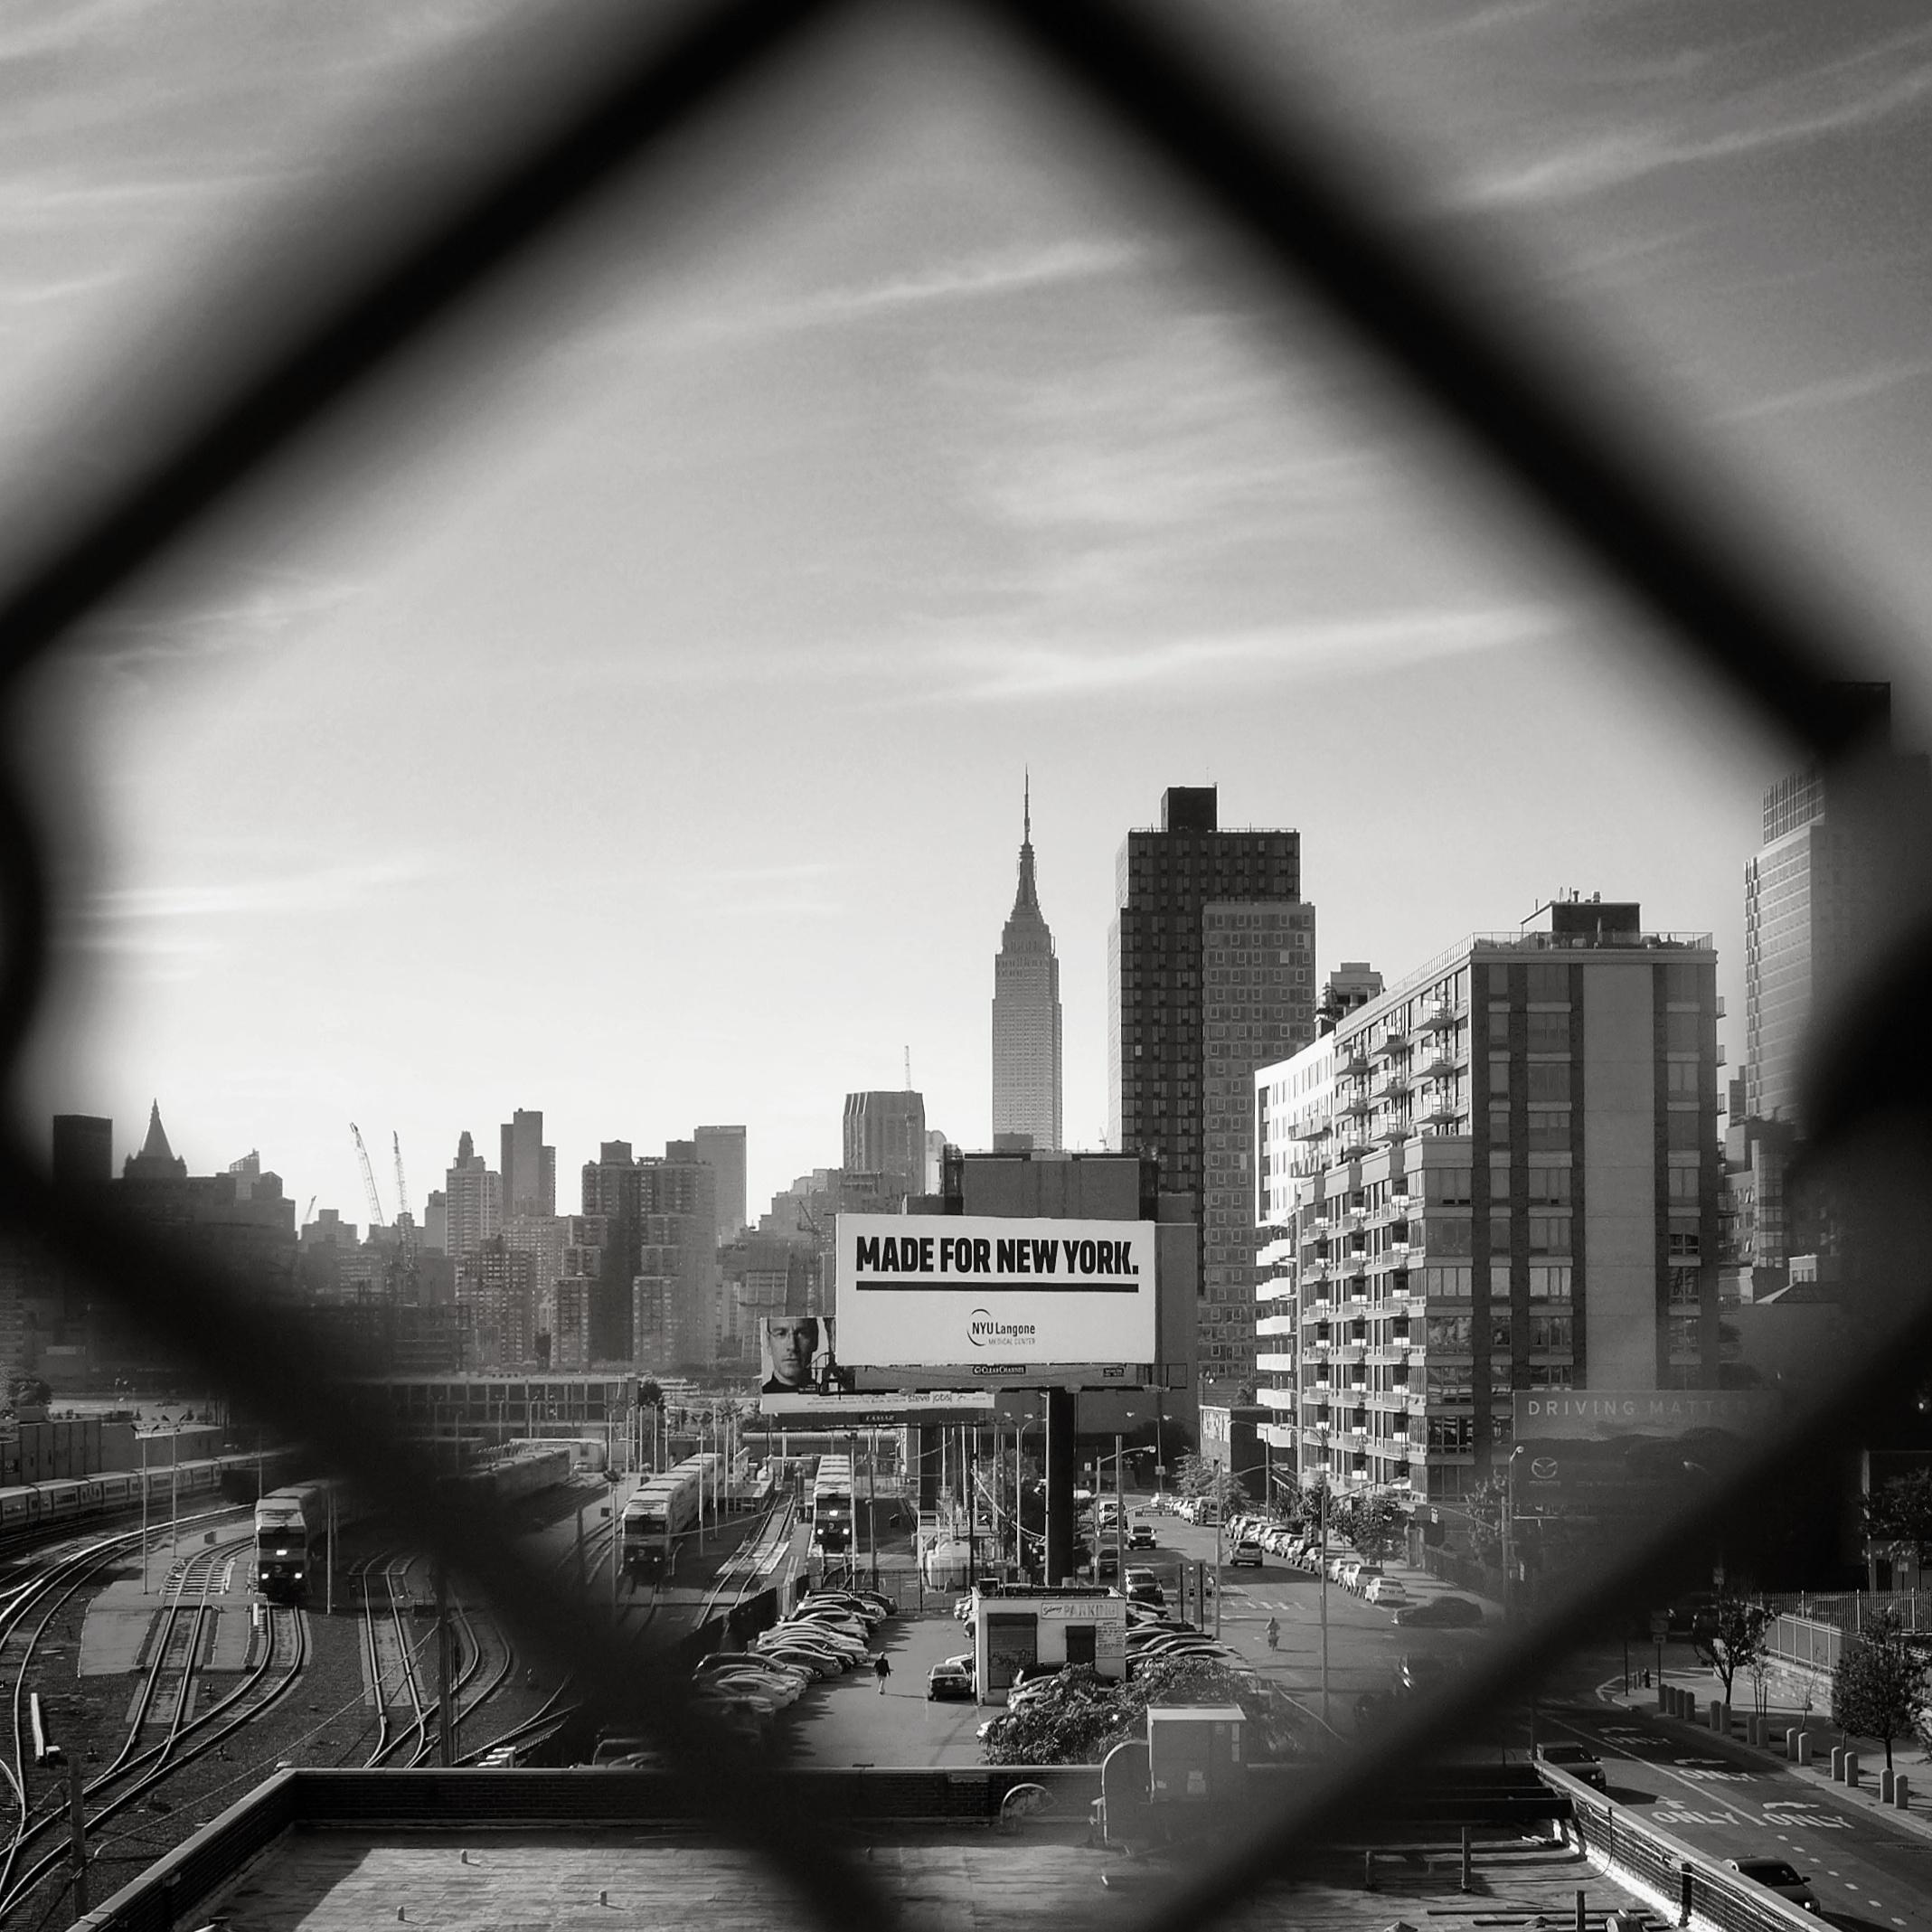 Made for NY.jpg